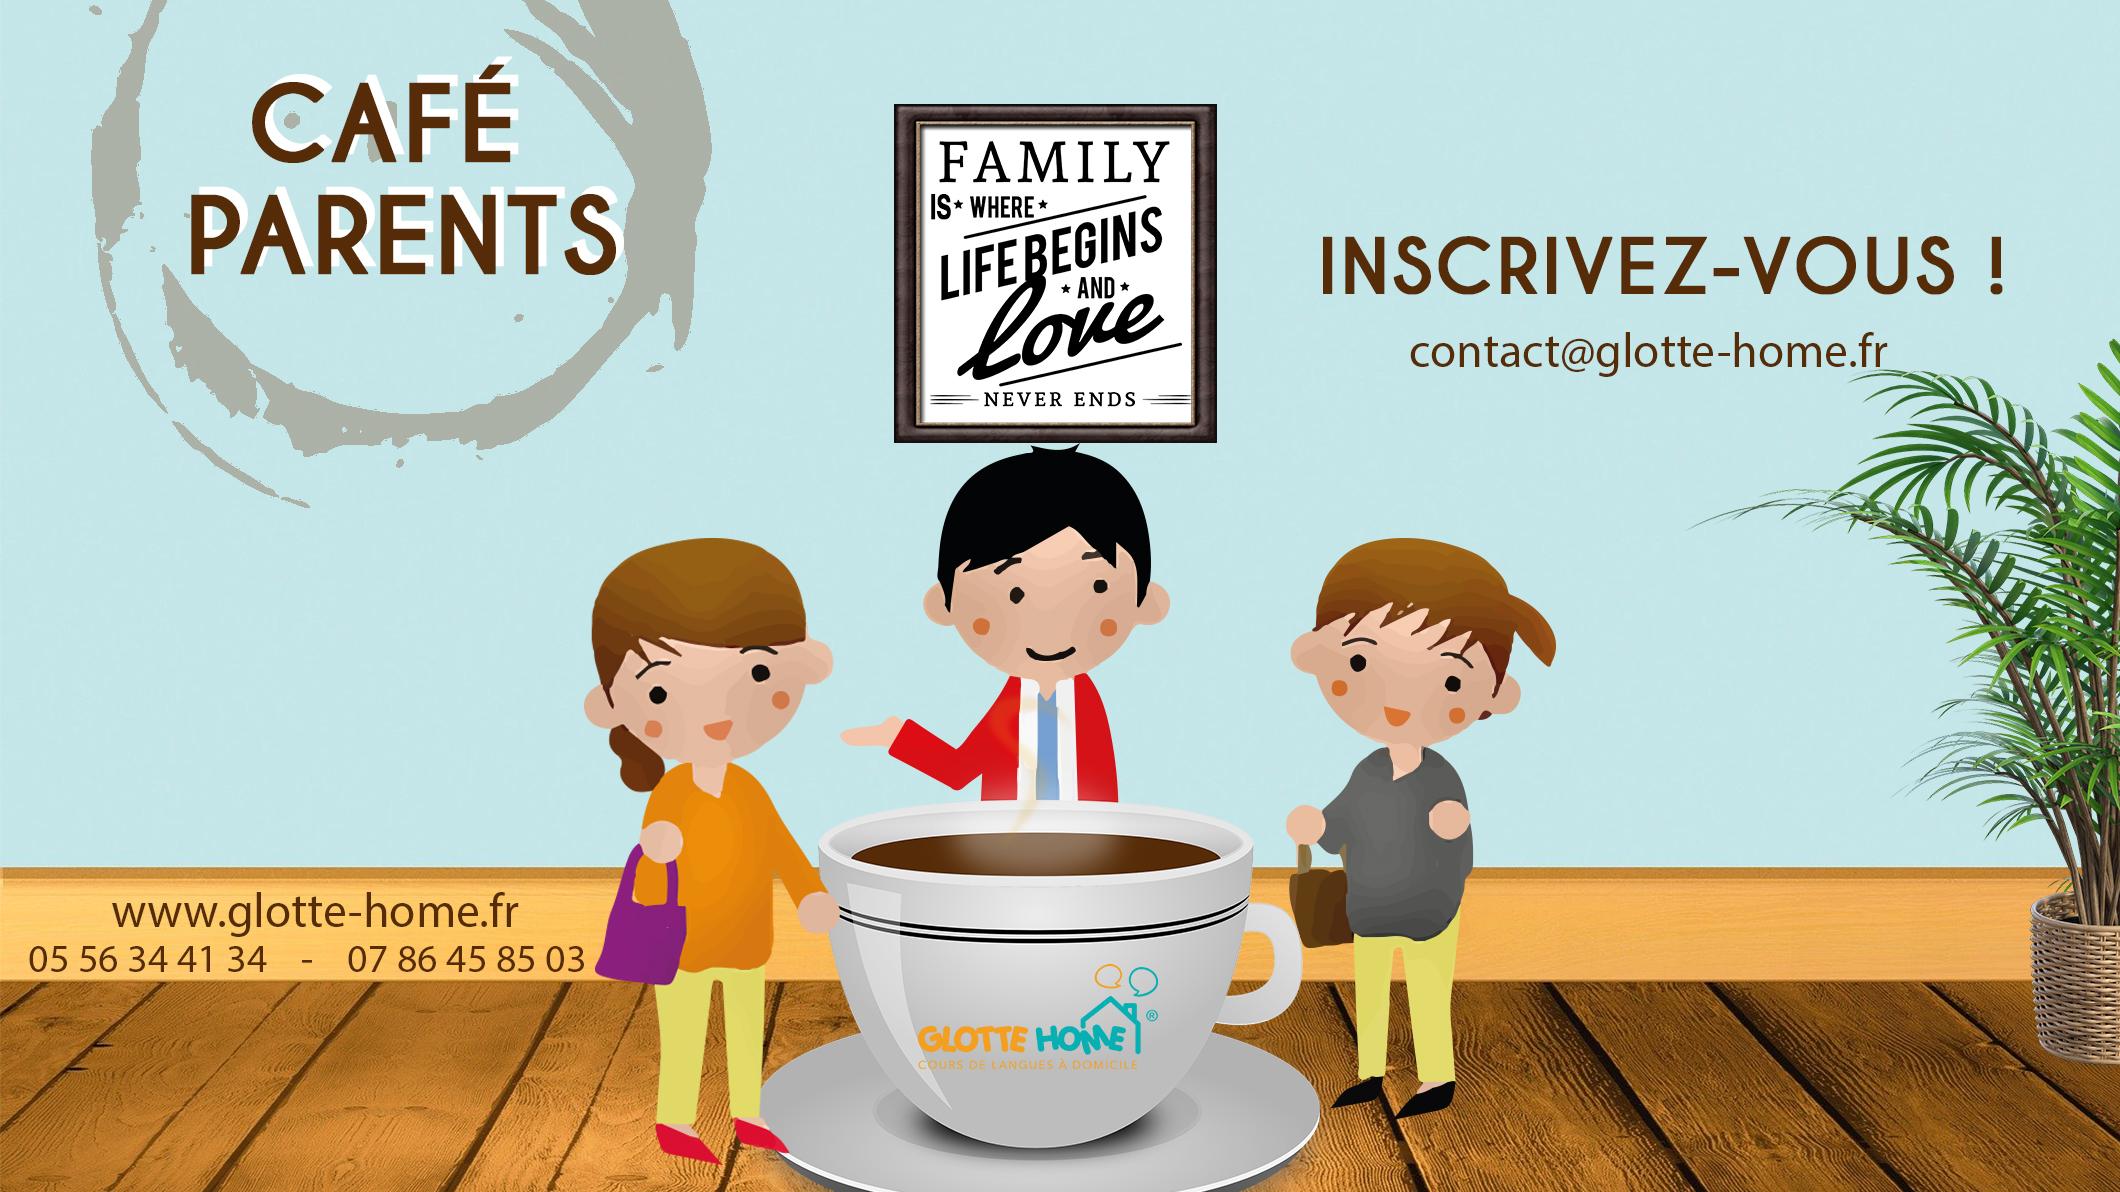 cafés-parents Glotte Trotters Glotte Home